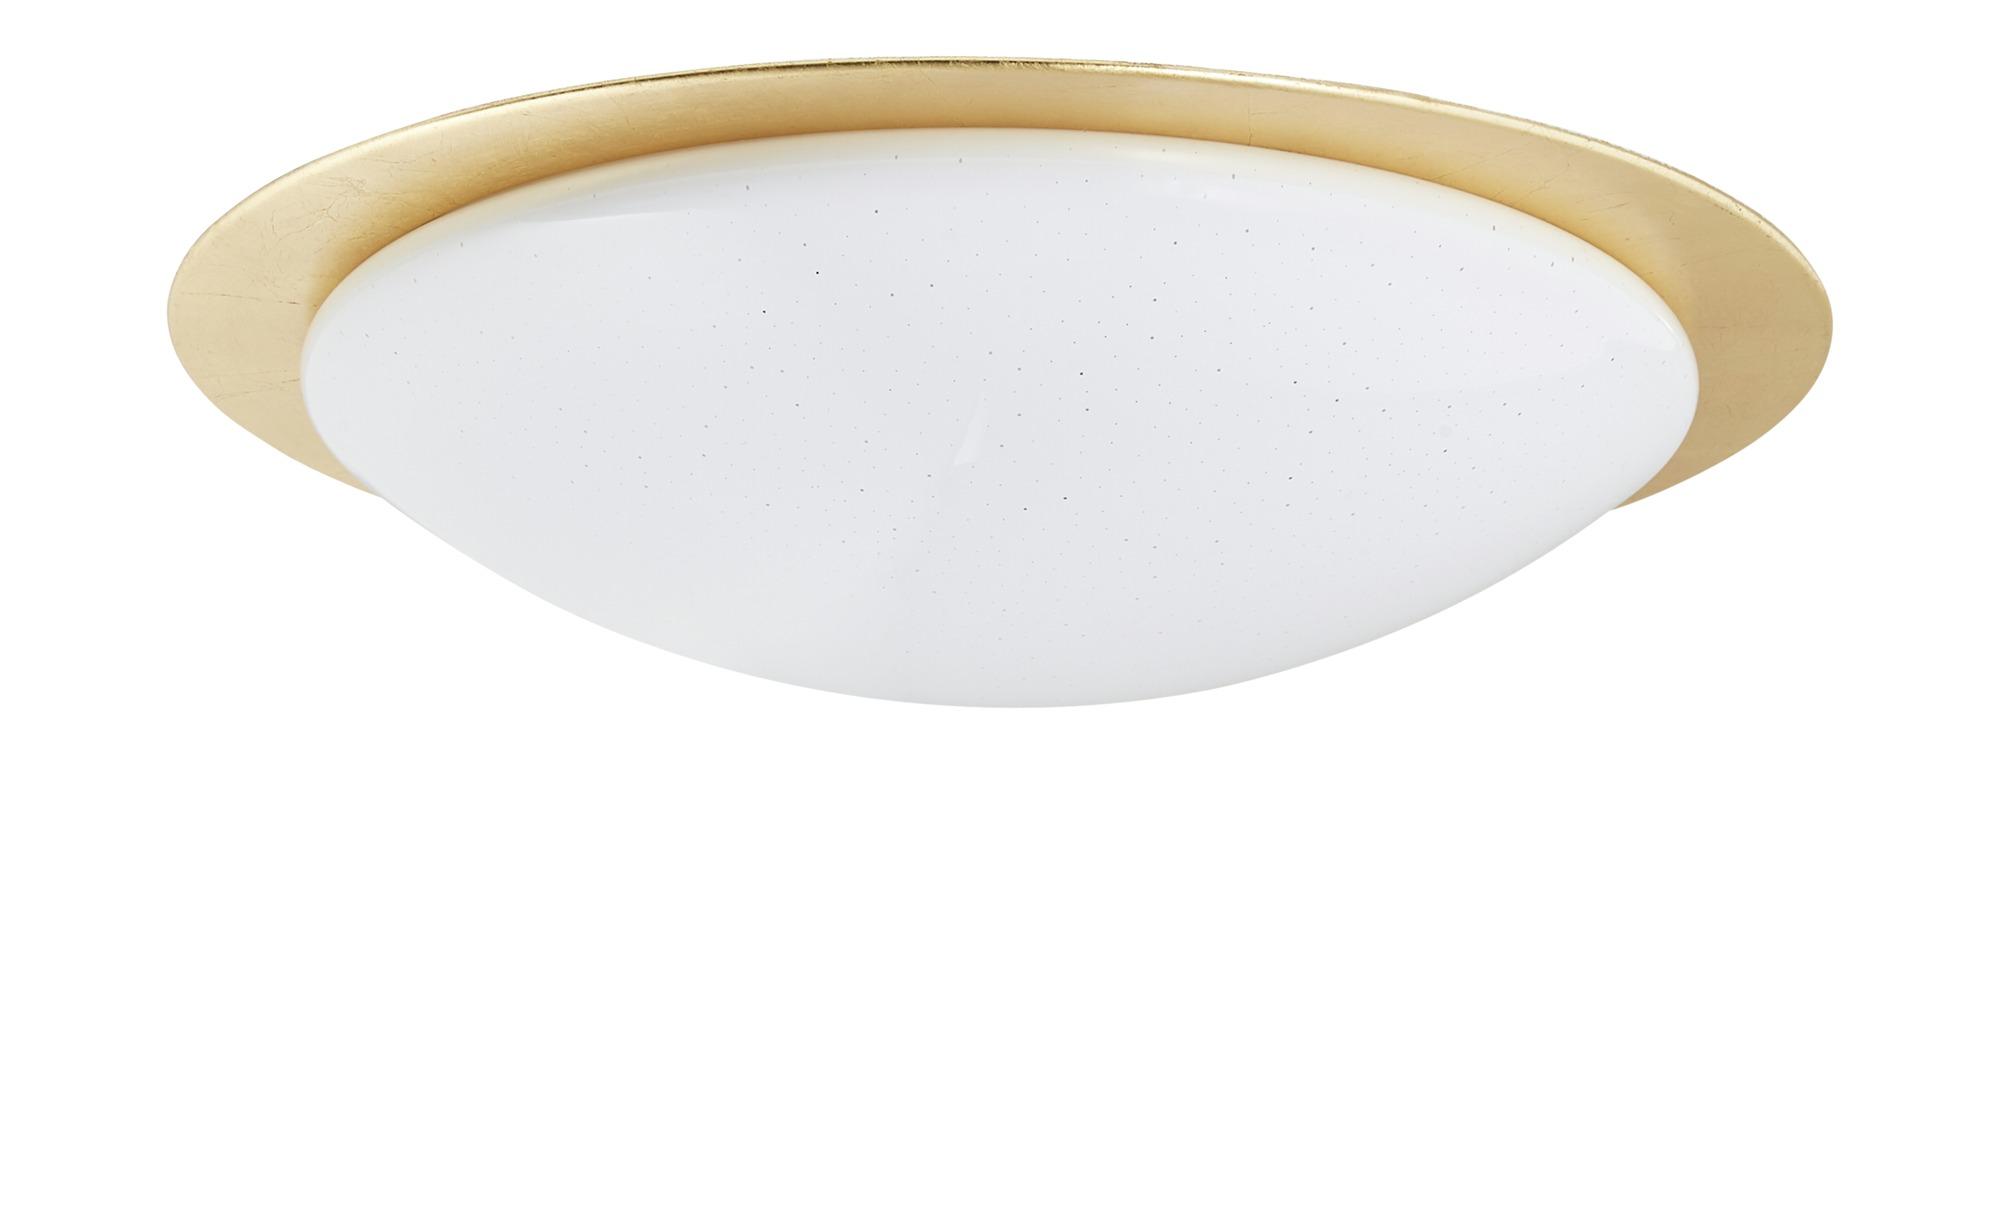 KHG LED-Deckenleuchte, 1-flammig, Goldrand ¦ gold ¦ Maße (cm): H: 13,5 Ø: 59 Lampen & Leuchten > Innenleuchten > Deckenleuchten - Höffner